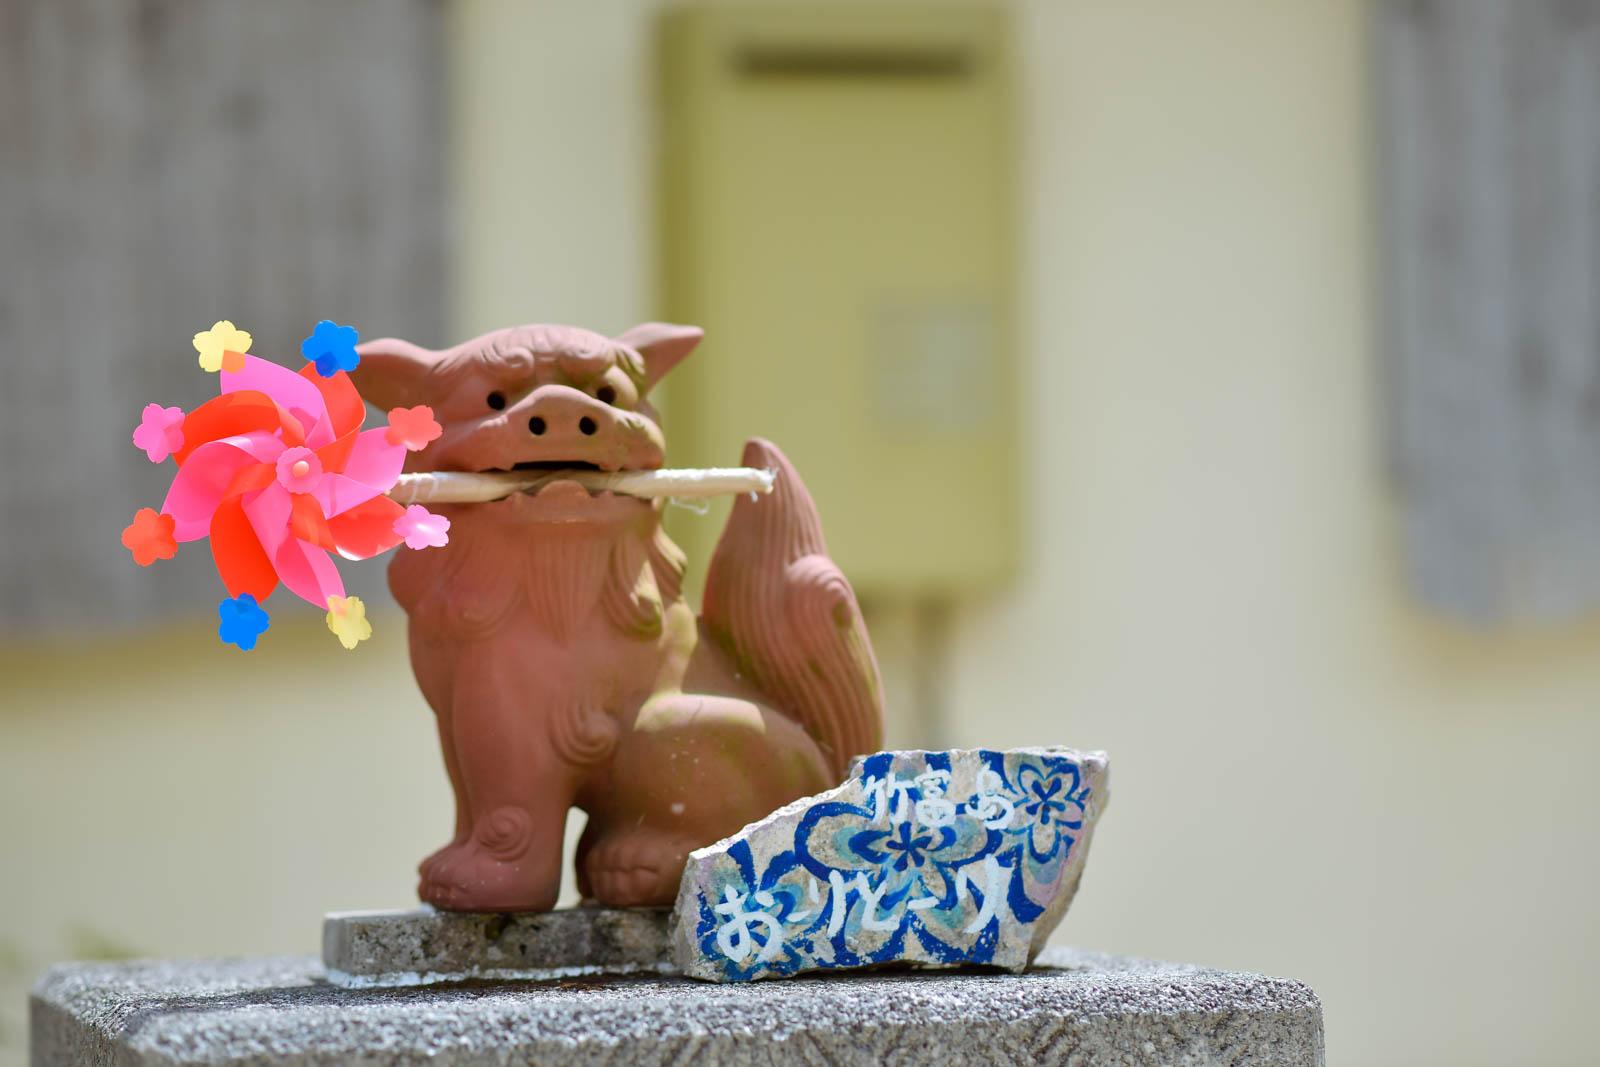 石垣島のシーサー